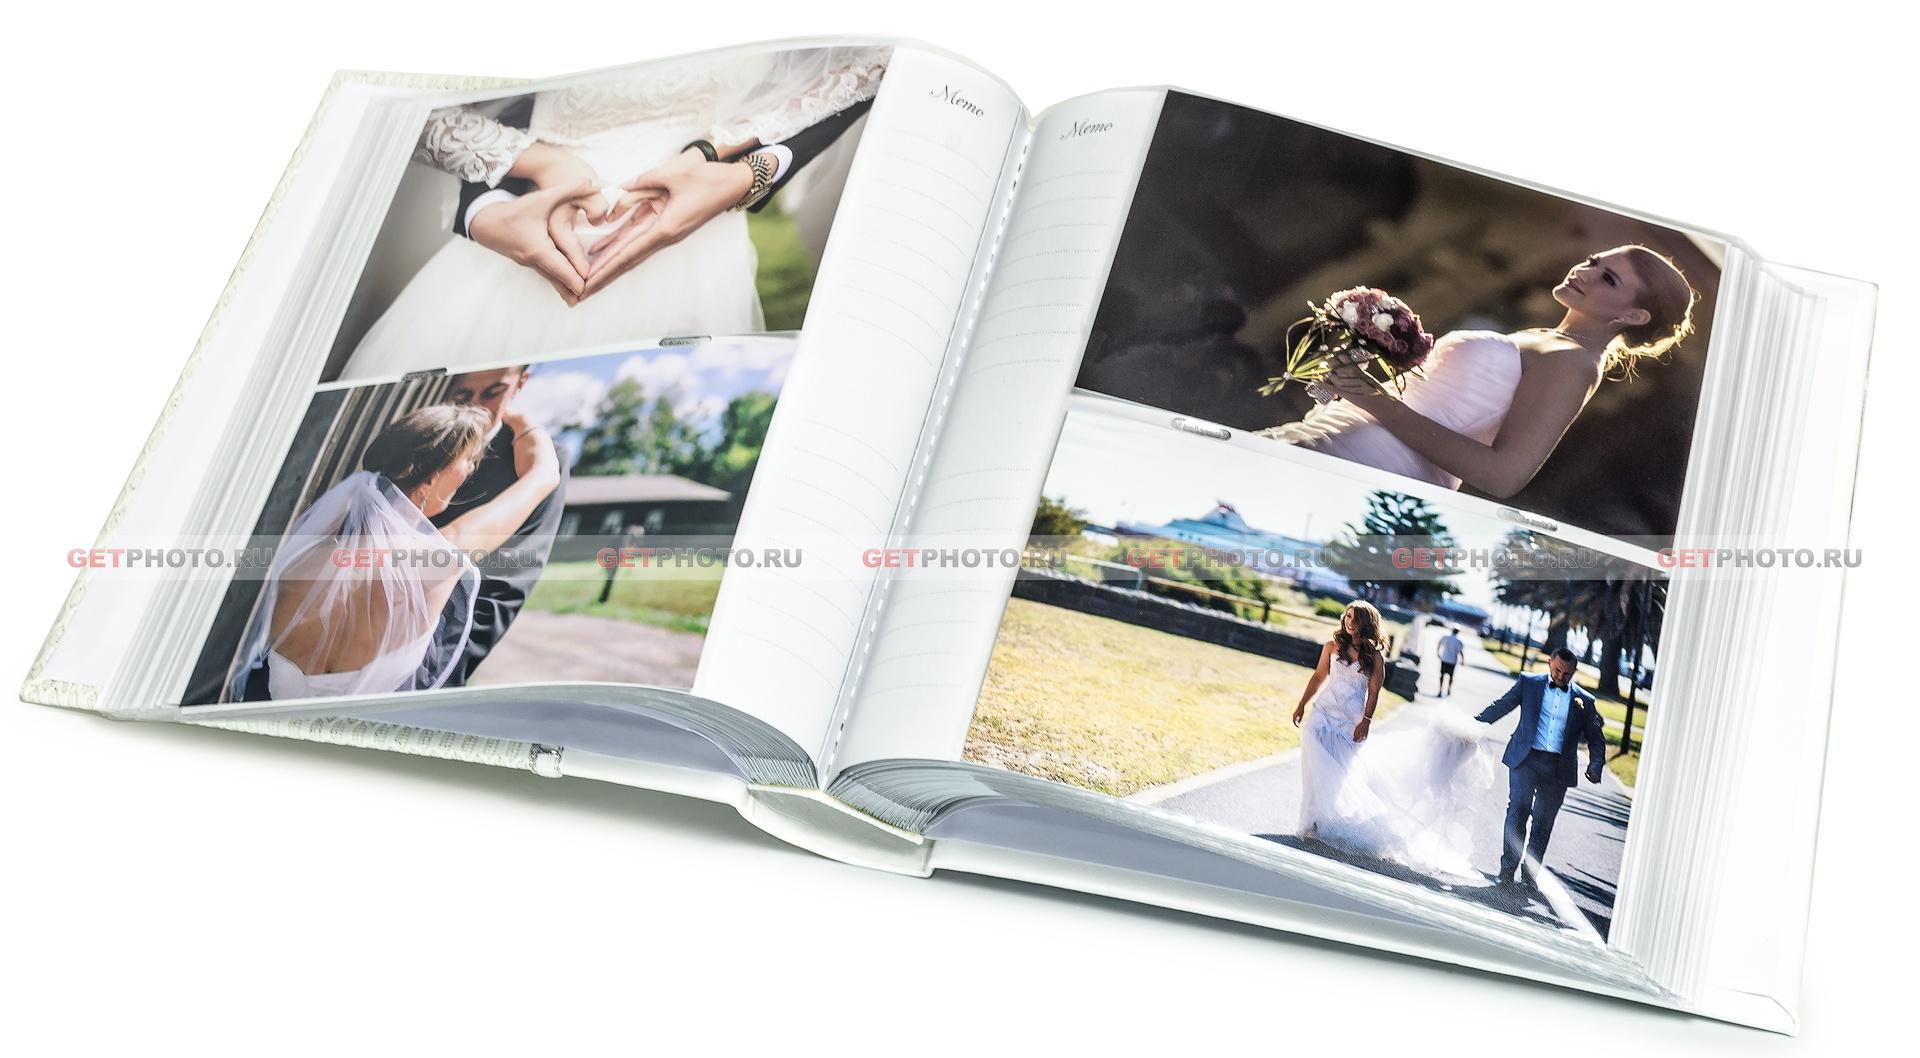 Хоф альбомы для фотографий работа фото моделью на дому